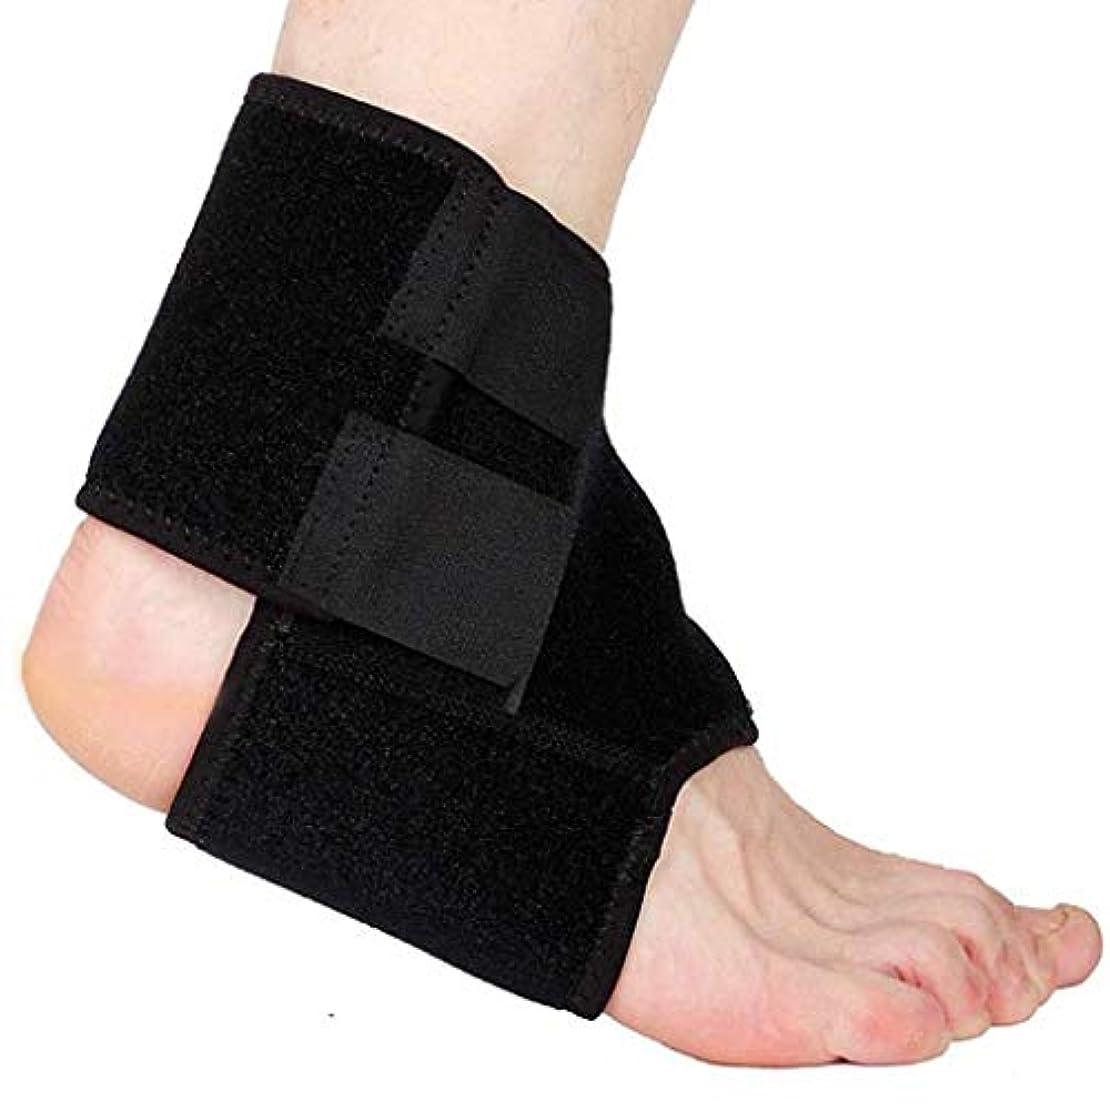 ほかに愛情おしゃれな足首サポート調節可能な足首ブレース通気性のあるナイロン素材伸縮性があり快適な1サイズスポーツに最適慢性的な足首の捻Sp疲労からの保護